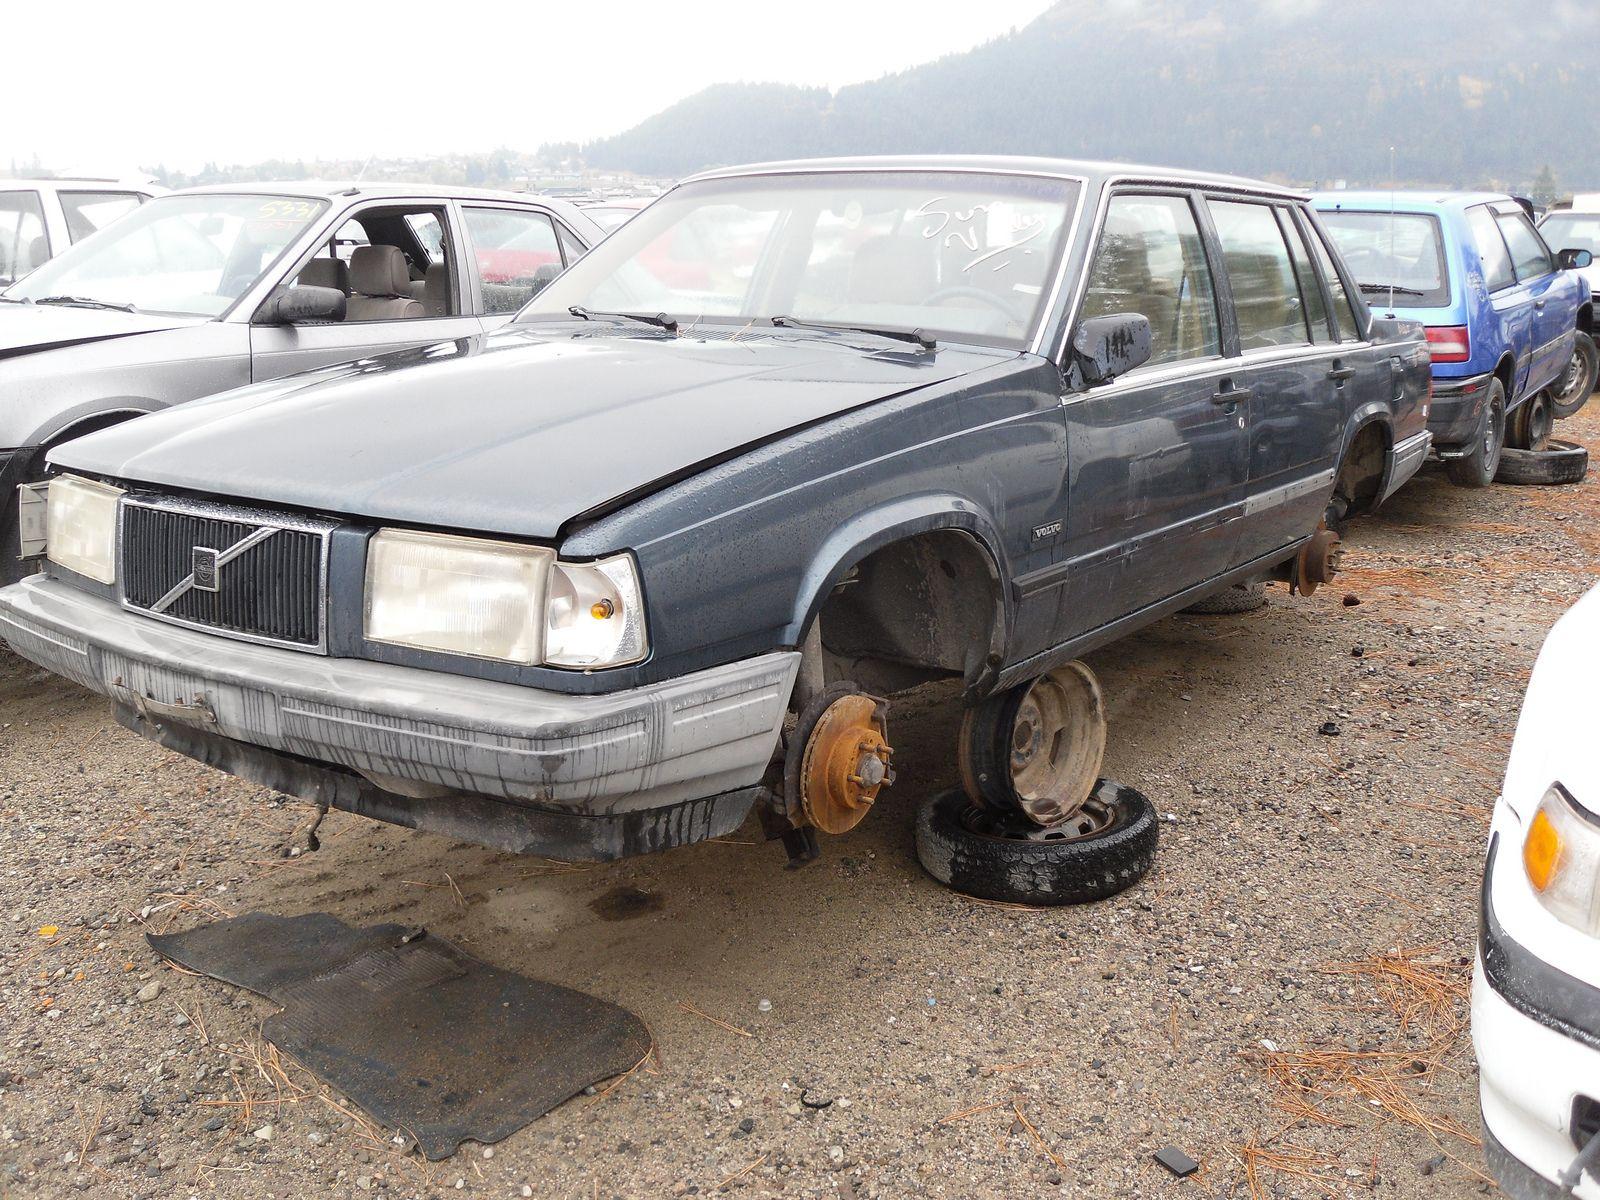 Volvo 740 in junkyards of BC